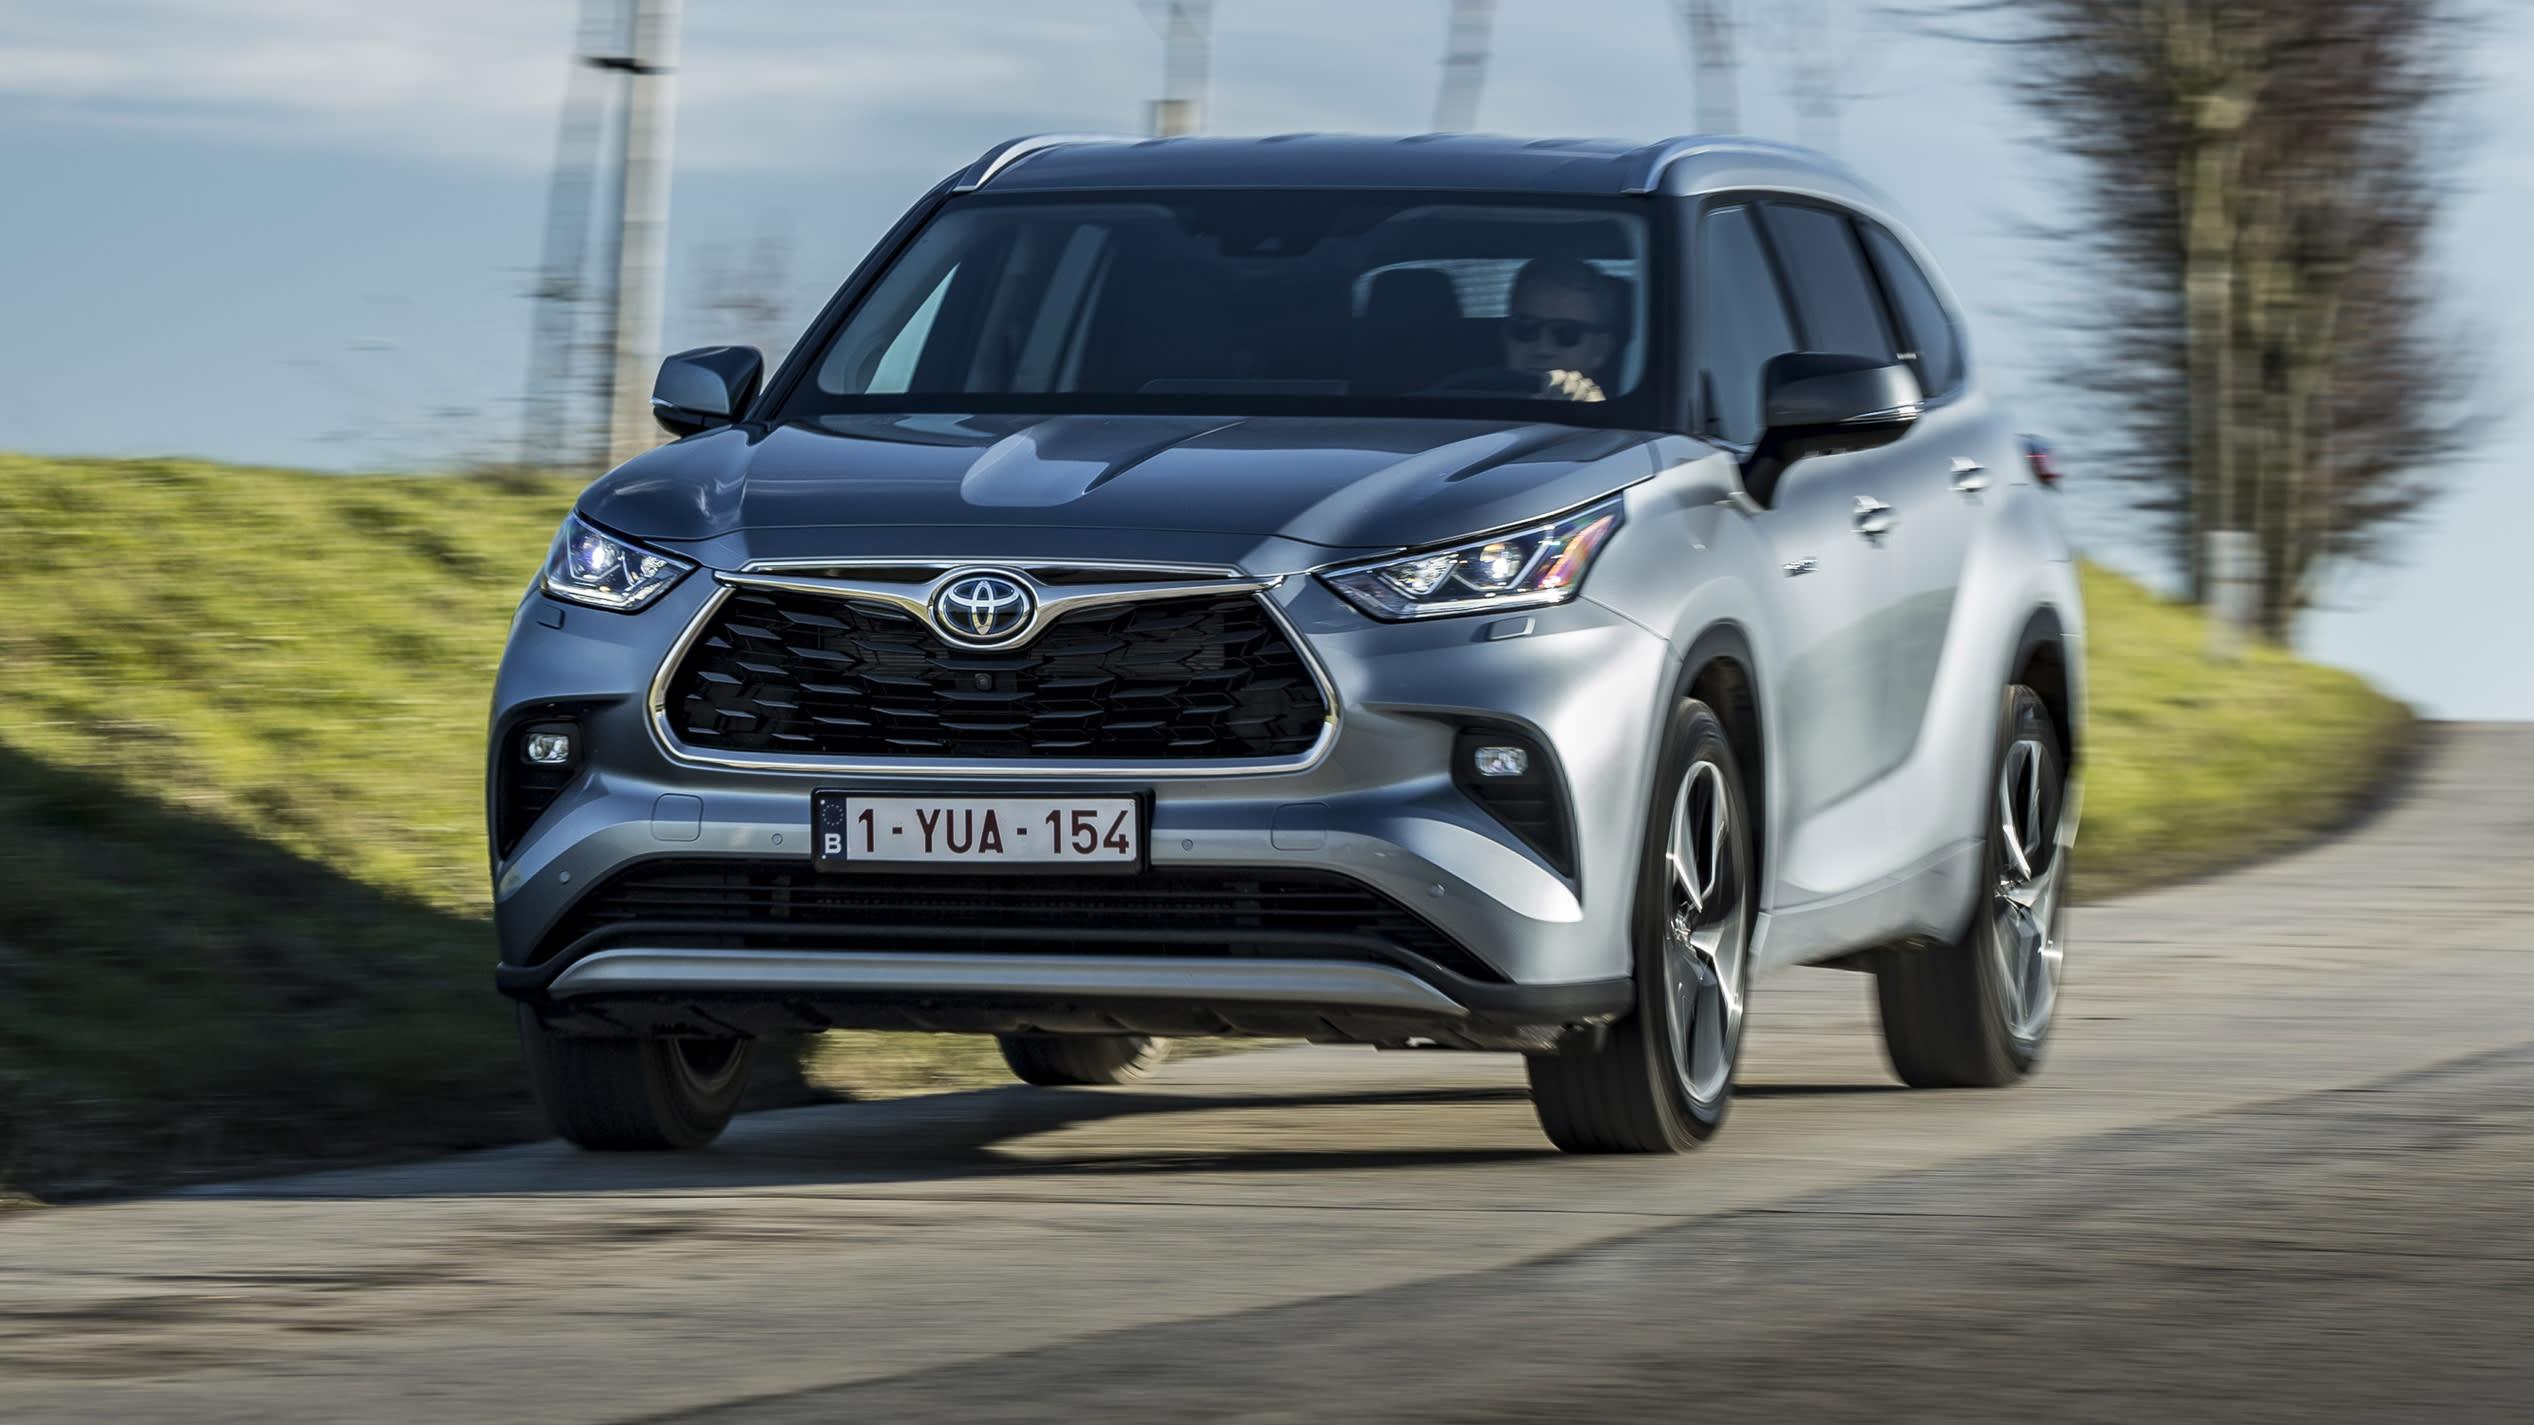 2021 Toyota Kluger due in Australia in June, hybrid inbound